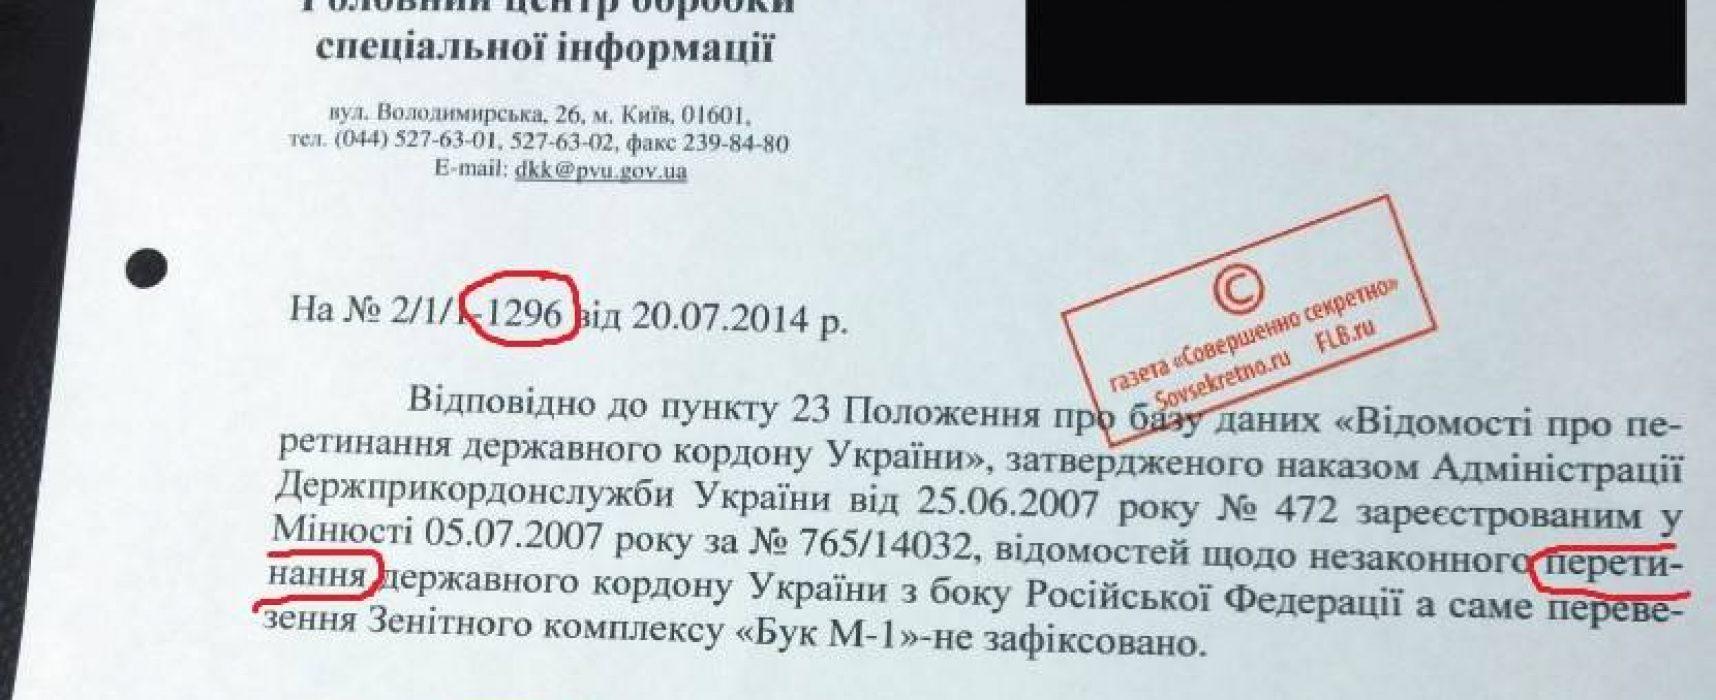 """Fejk: Ukraińska służba graniczna stwierdza, że rosyjski przeciwlotniczy system  rakietowy """"Buk"""" nie przekraczał granicy ukraińskiej."""